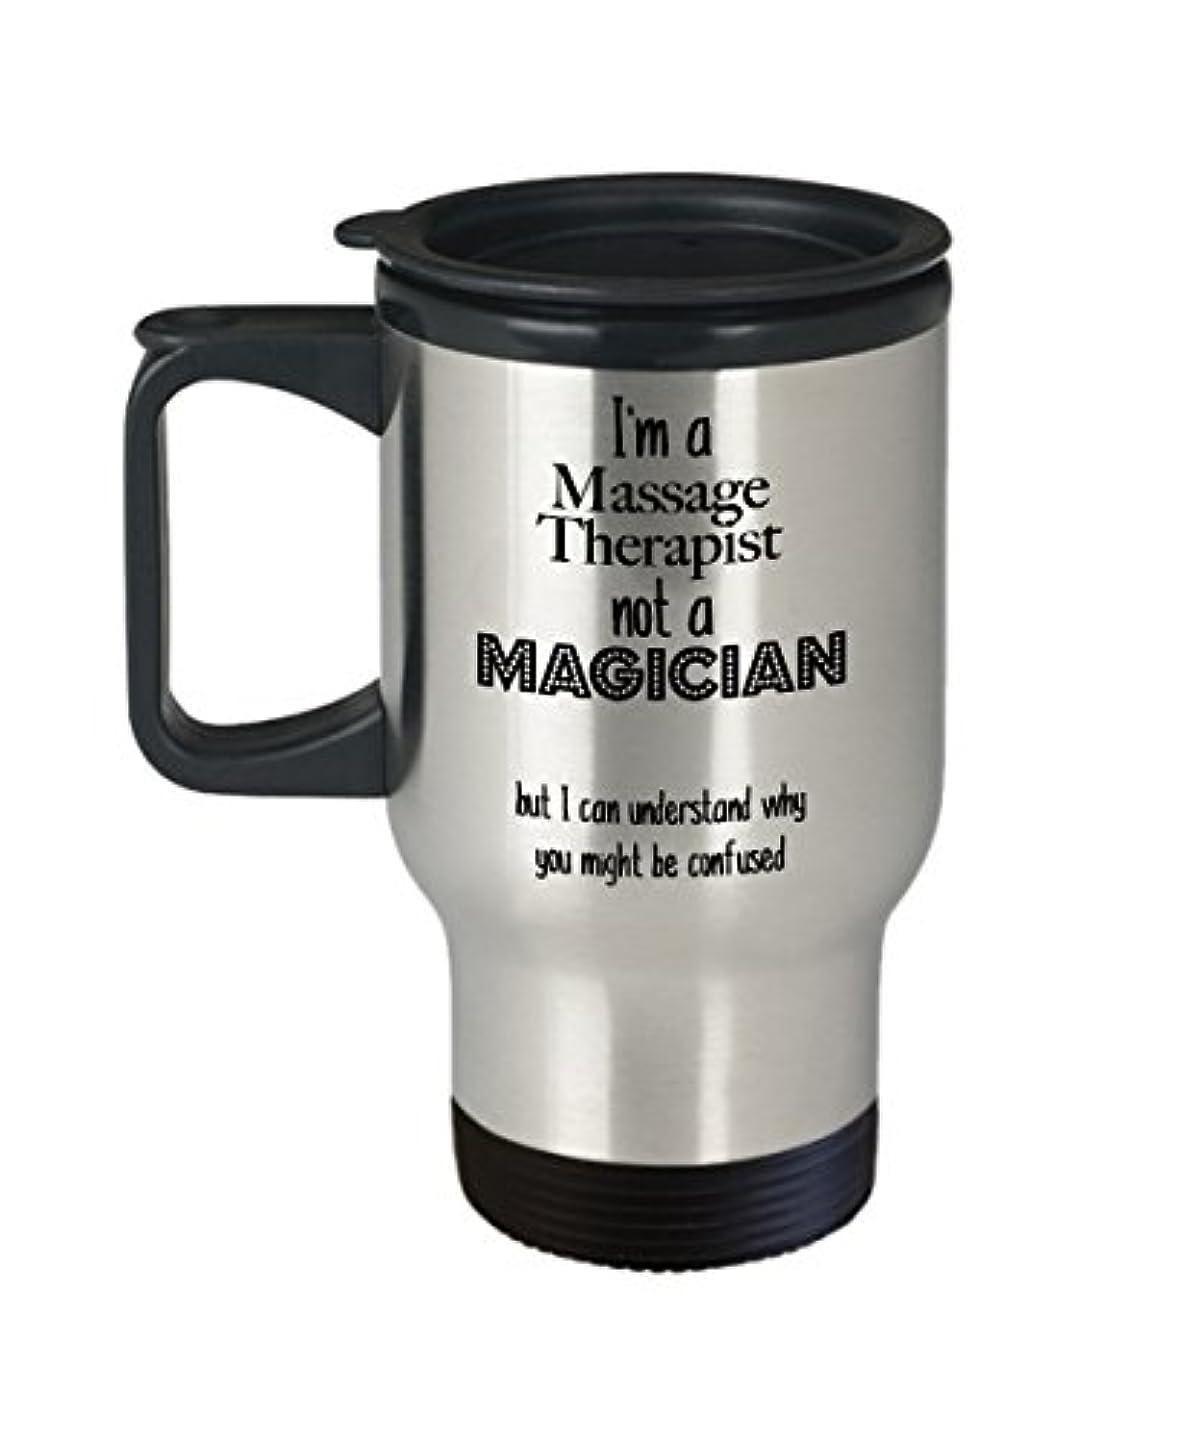 明快絶望ジョガーマッサージ療法マッサージ療法のマグカップ、面白いコーヒーマグカップギフトステンレススチールトラベルギフトコーヒーマグ